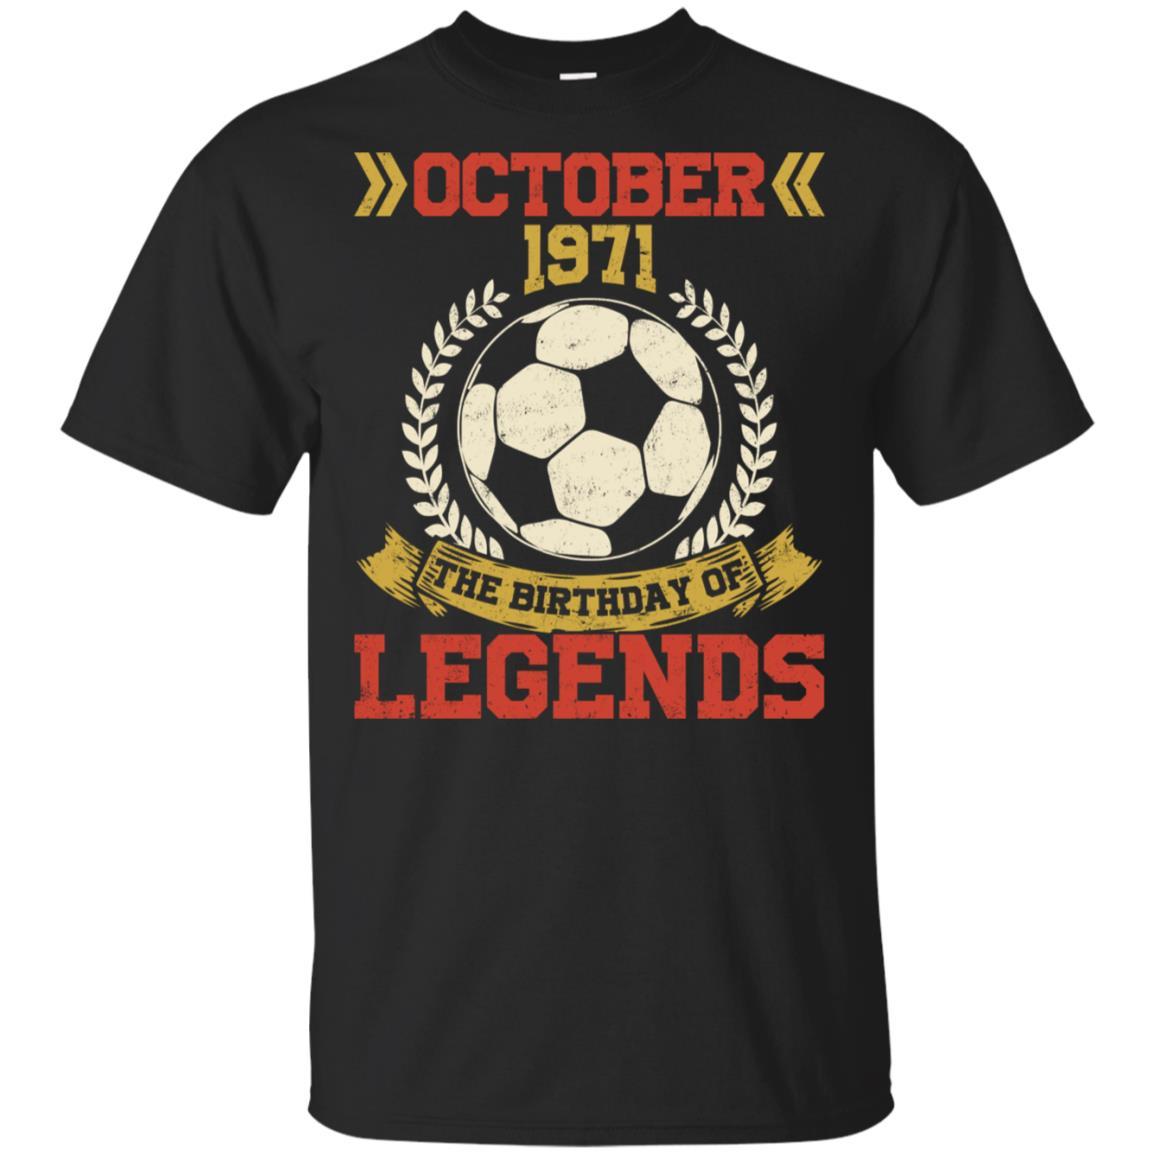 1971 October 47th Birthday Of Football Soccer Legend Unisex Short Sleeve